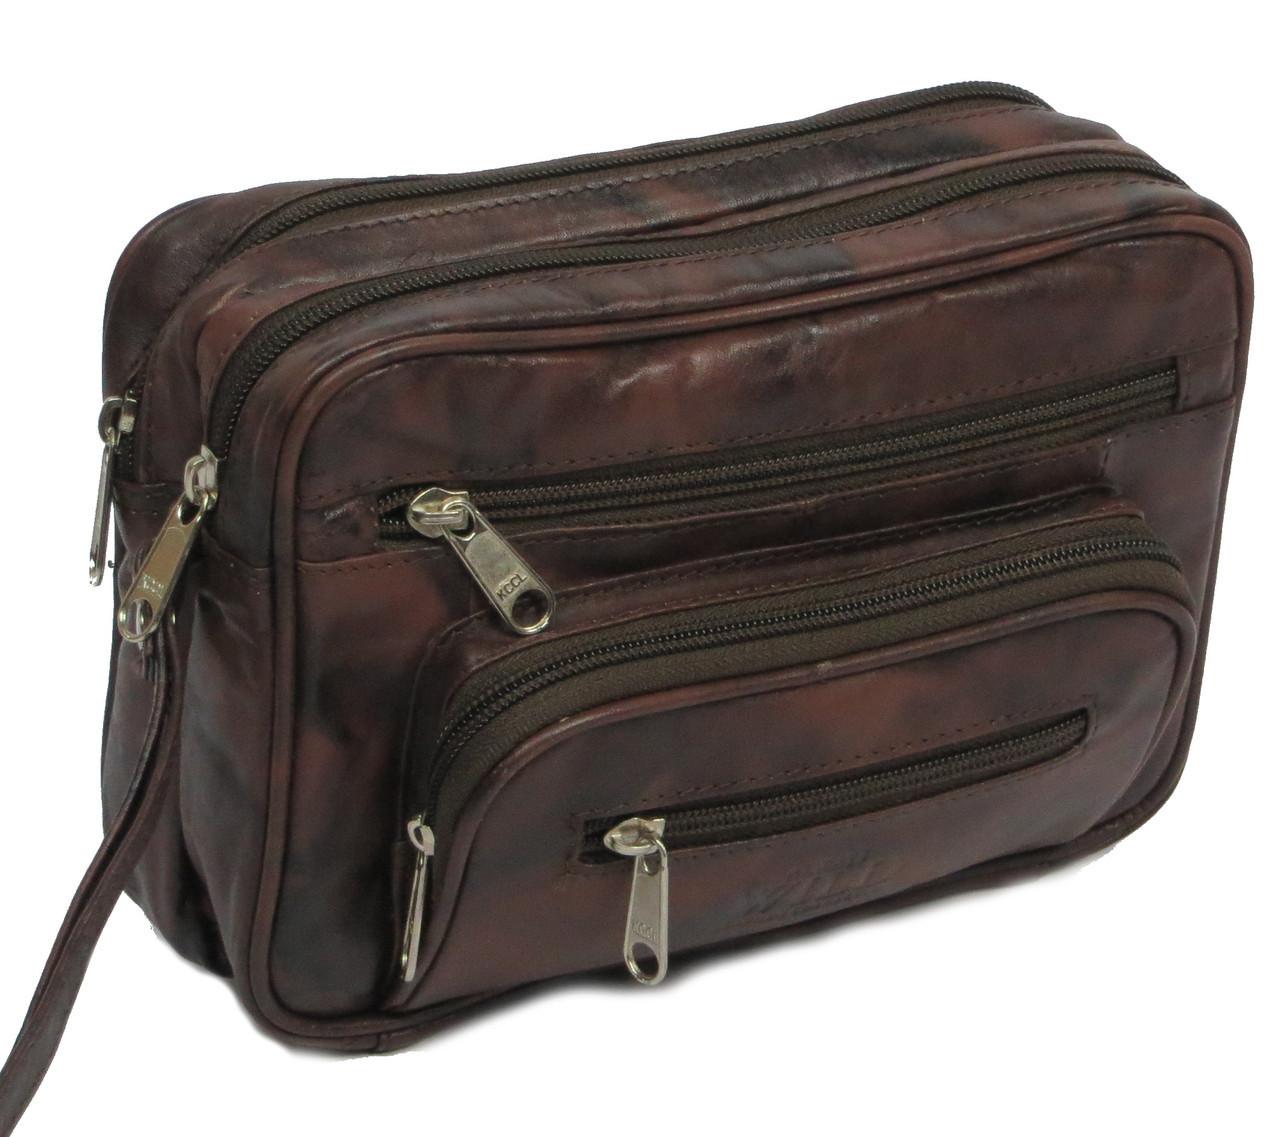 Сумка-барсетка кожаная Always Wild 905-TT коричневый, фото 1